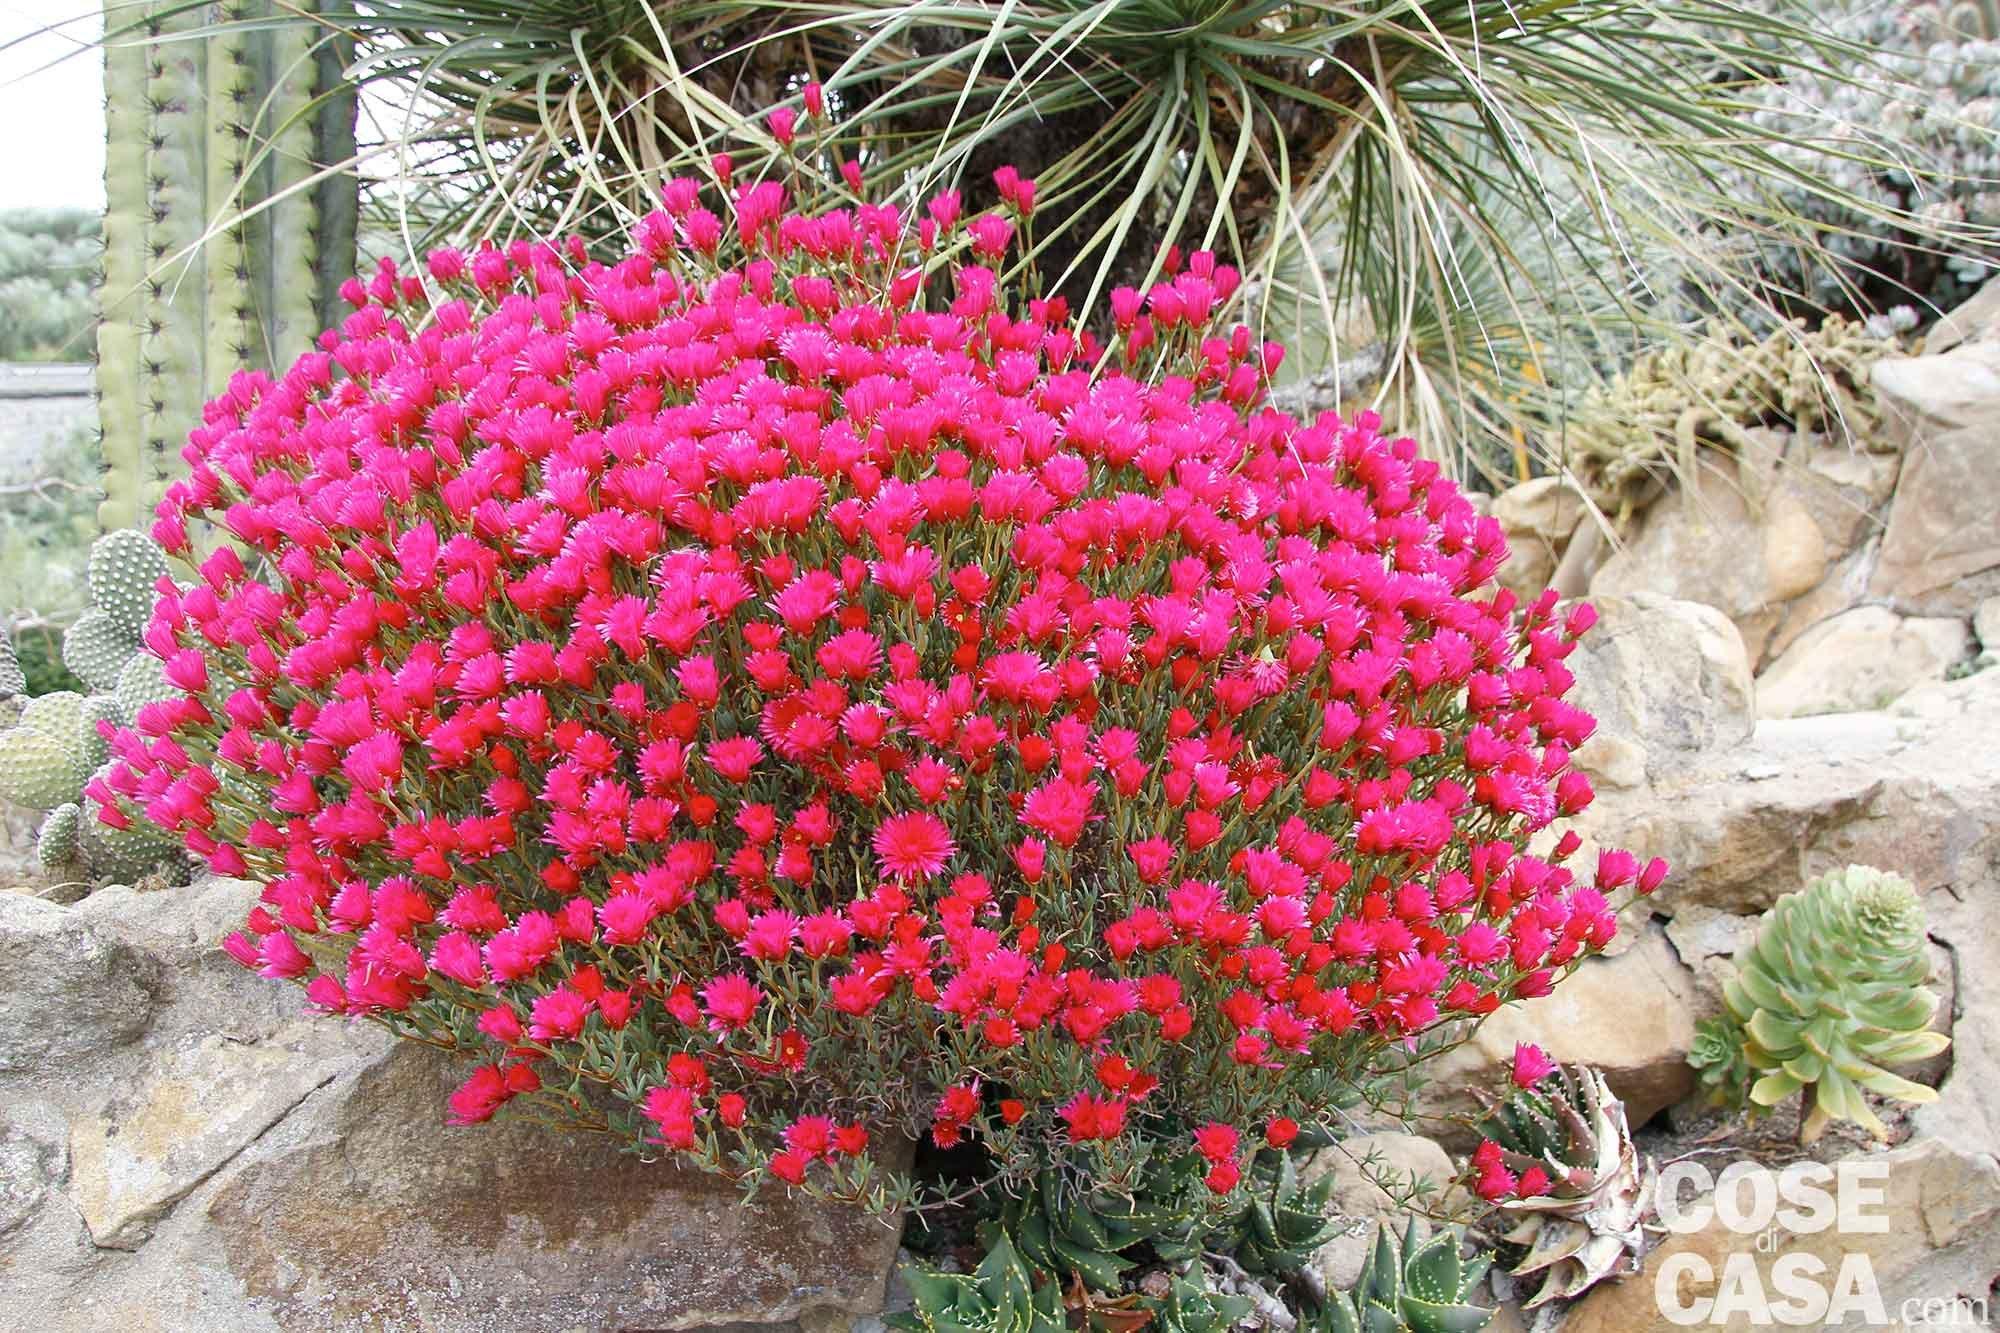 Fiori di cactus - Cose di Casa